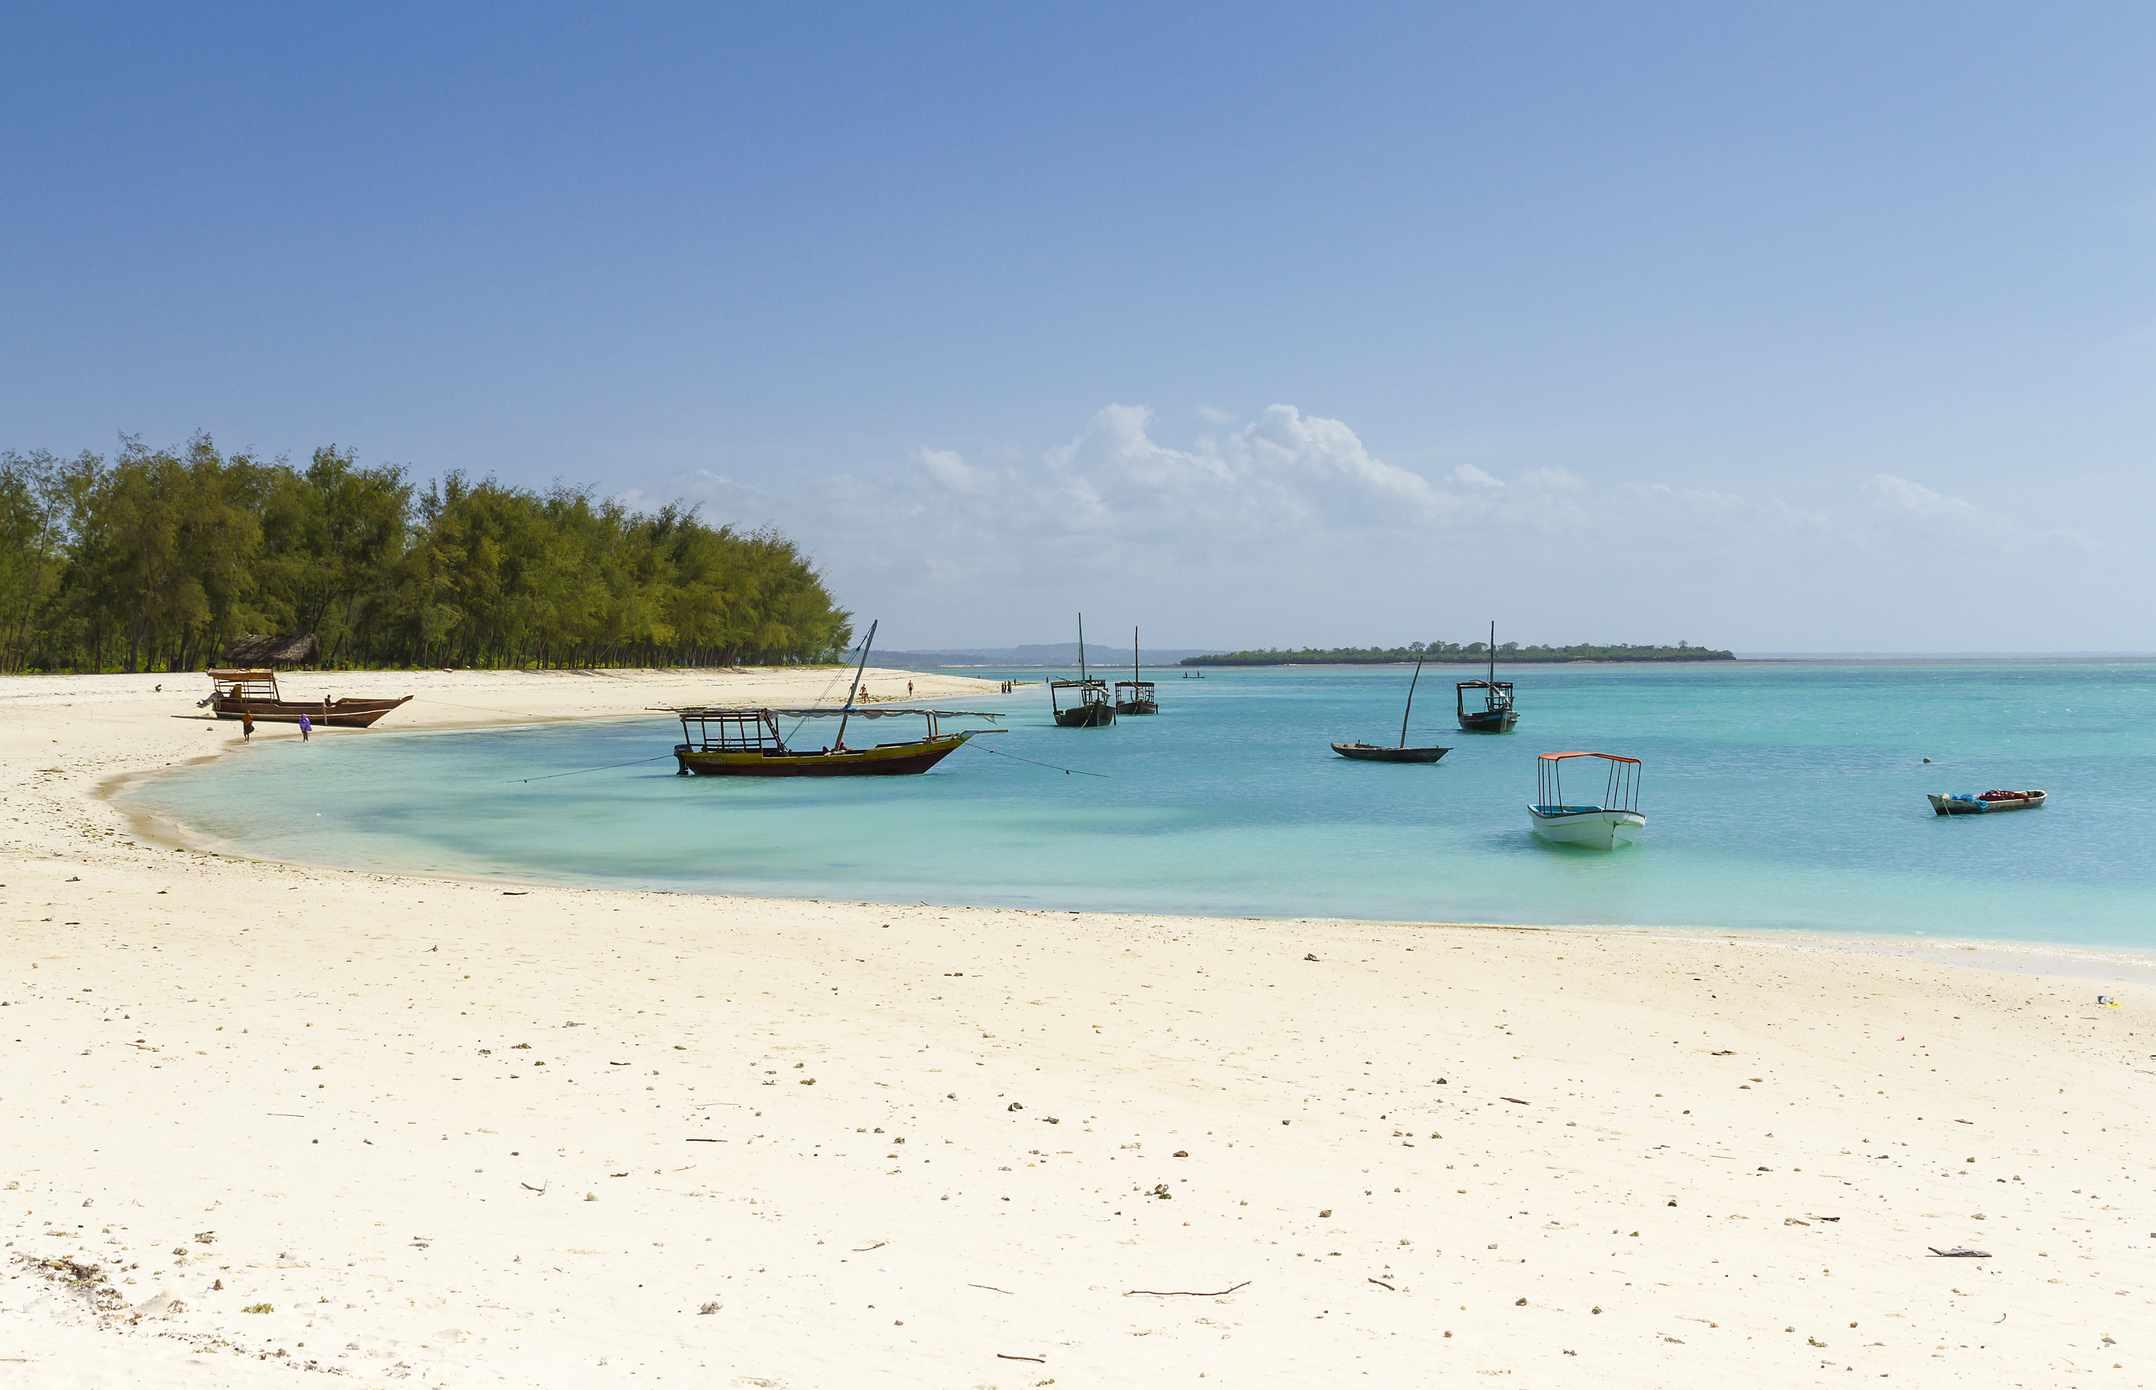 Scenic view of Kendwa Beach, Zanzibar